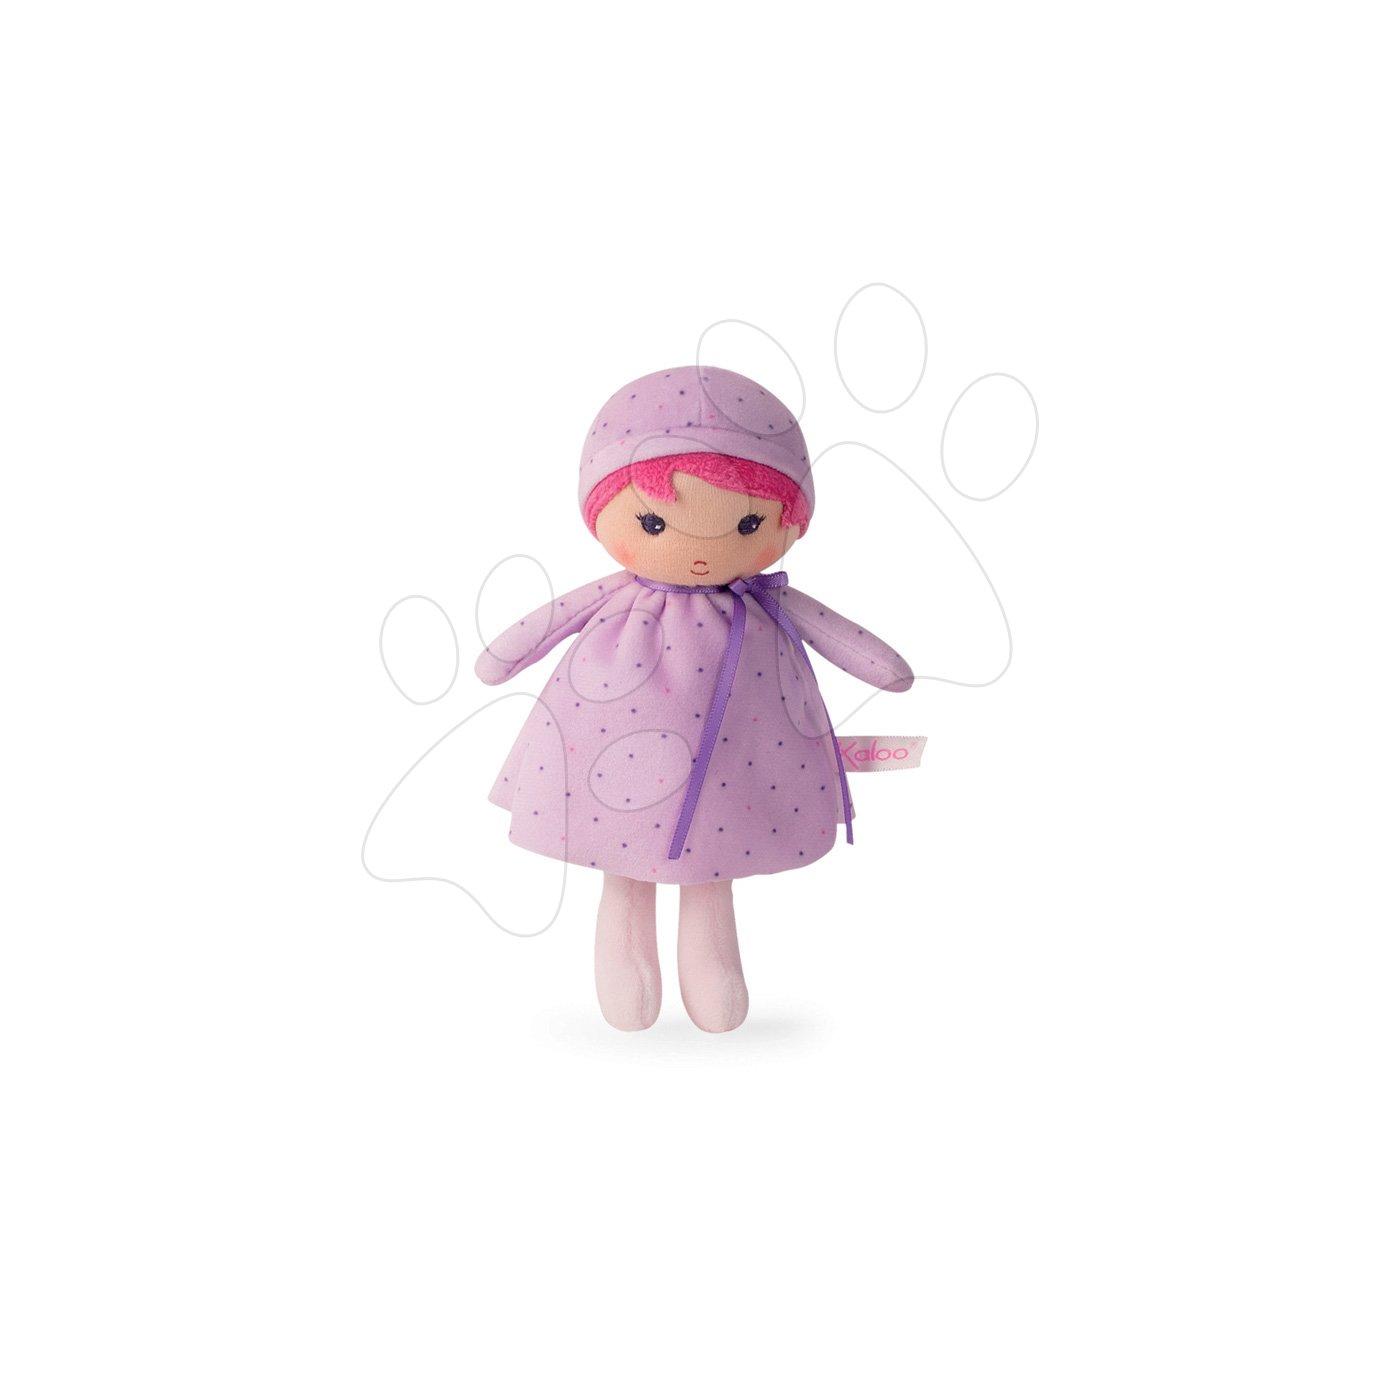 Kaloo panenka pro miminka Lise K Tendresse 18 cm v tečkovaných šatech z jemného textilu v dárkovém balení 962095